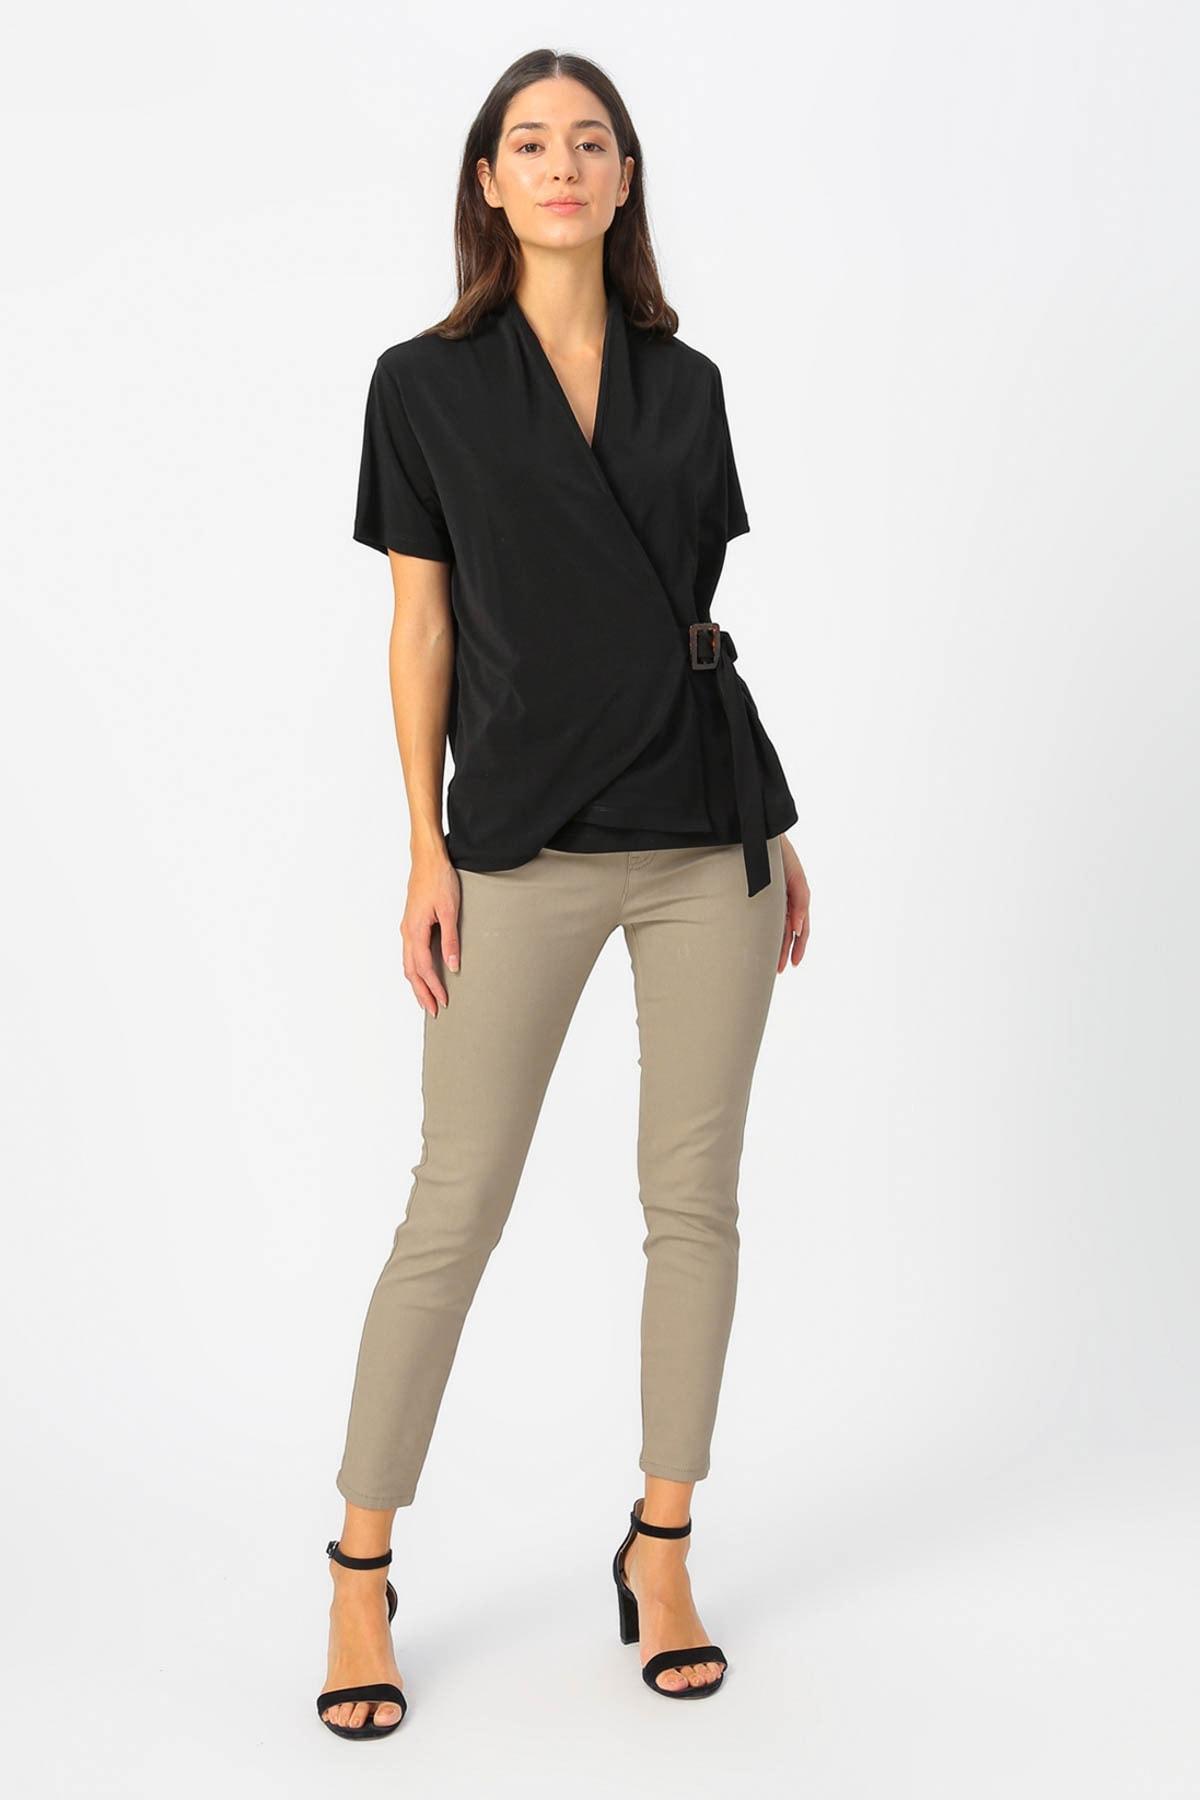 Fabrika Kadın Siyah Bluz 504393070 Boyner 1